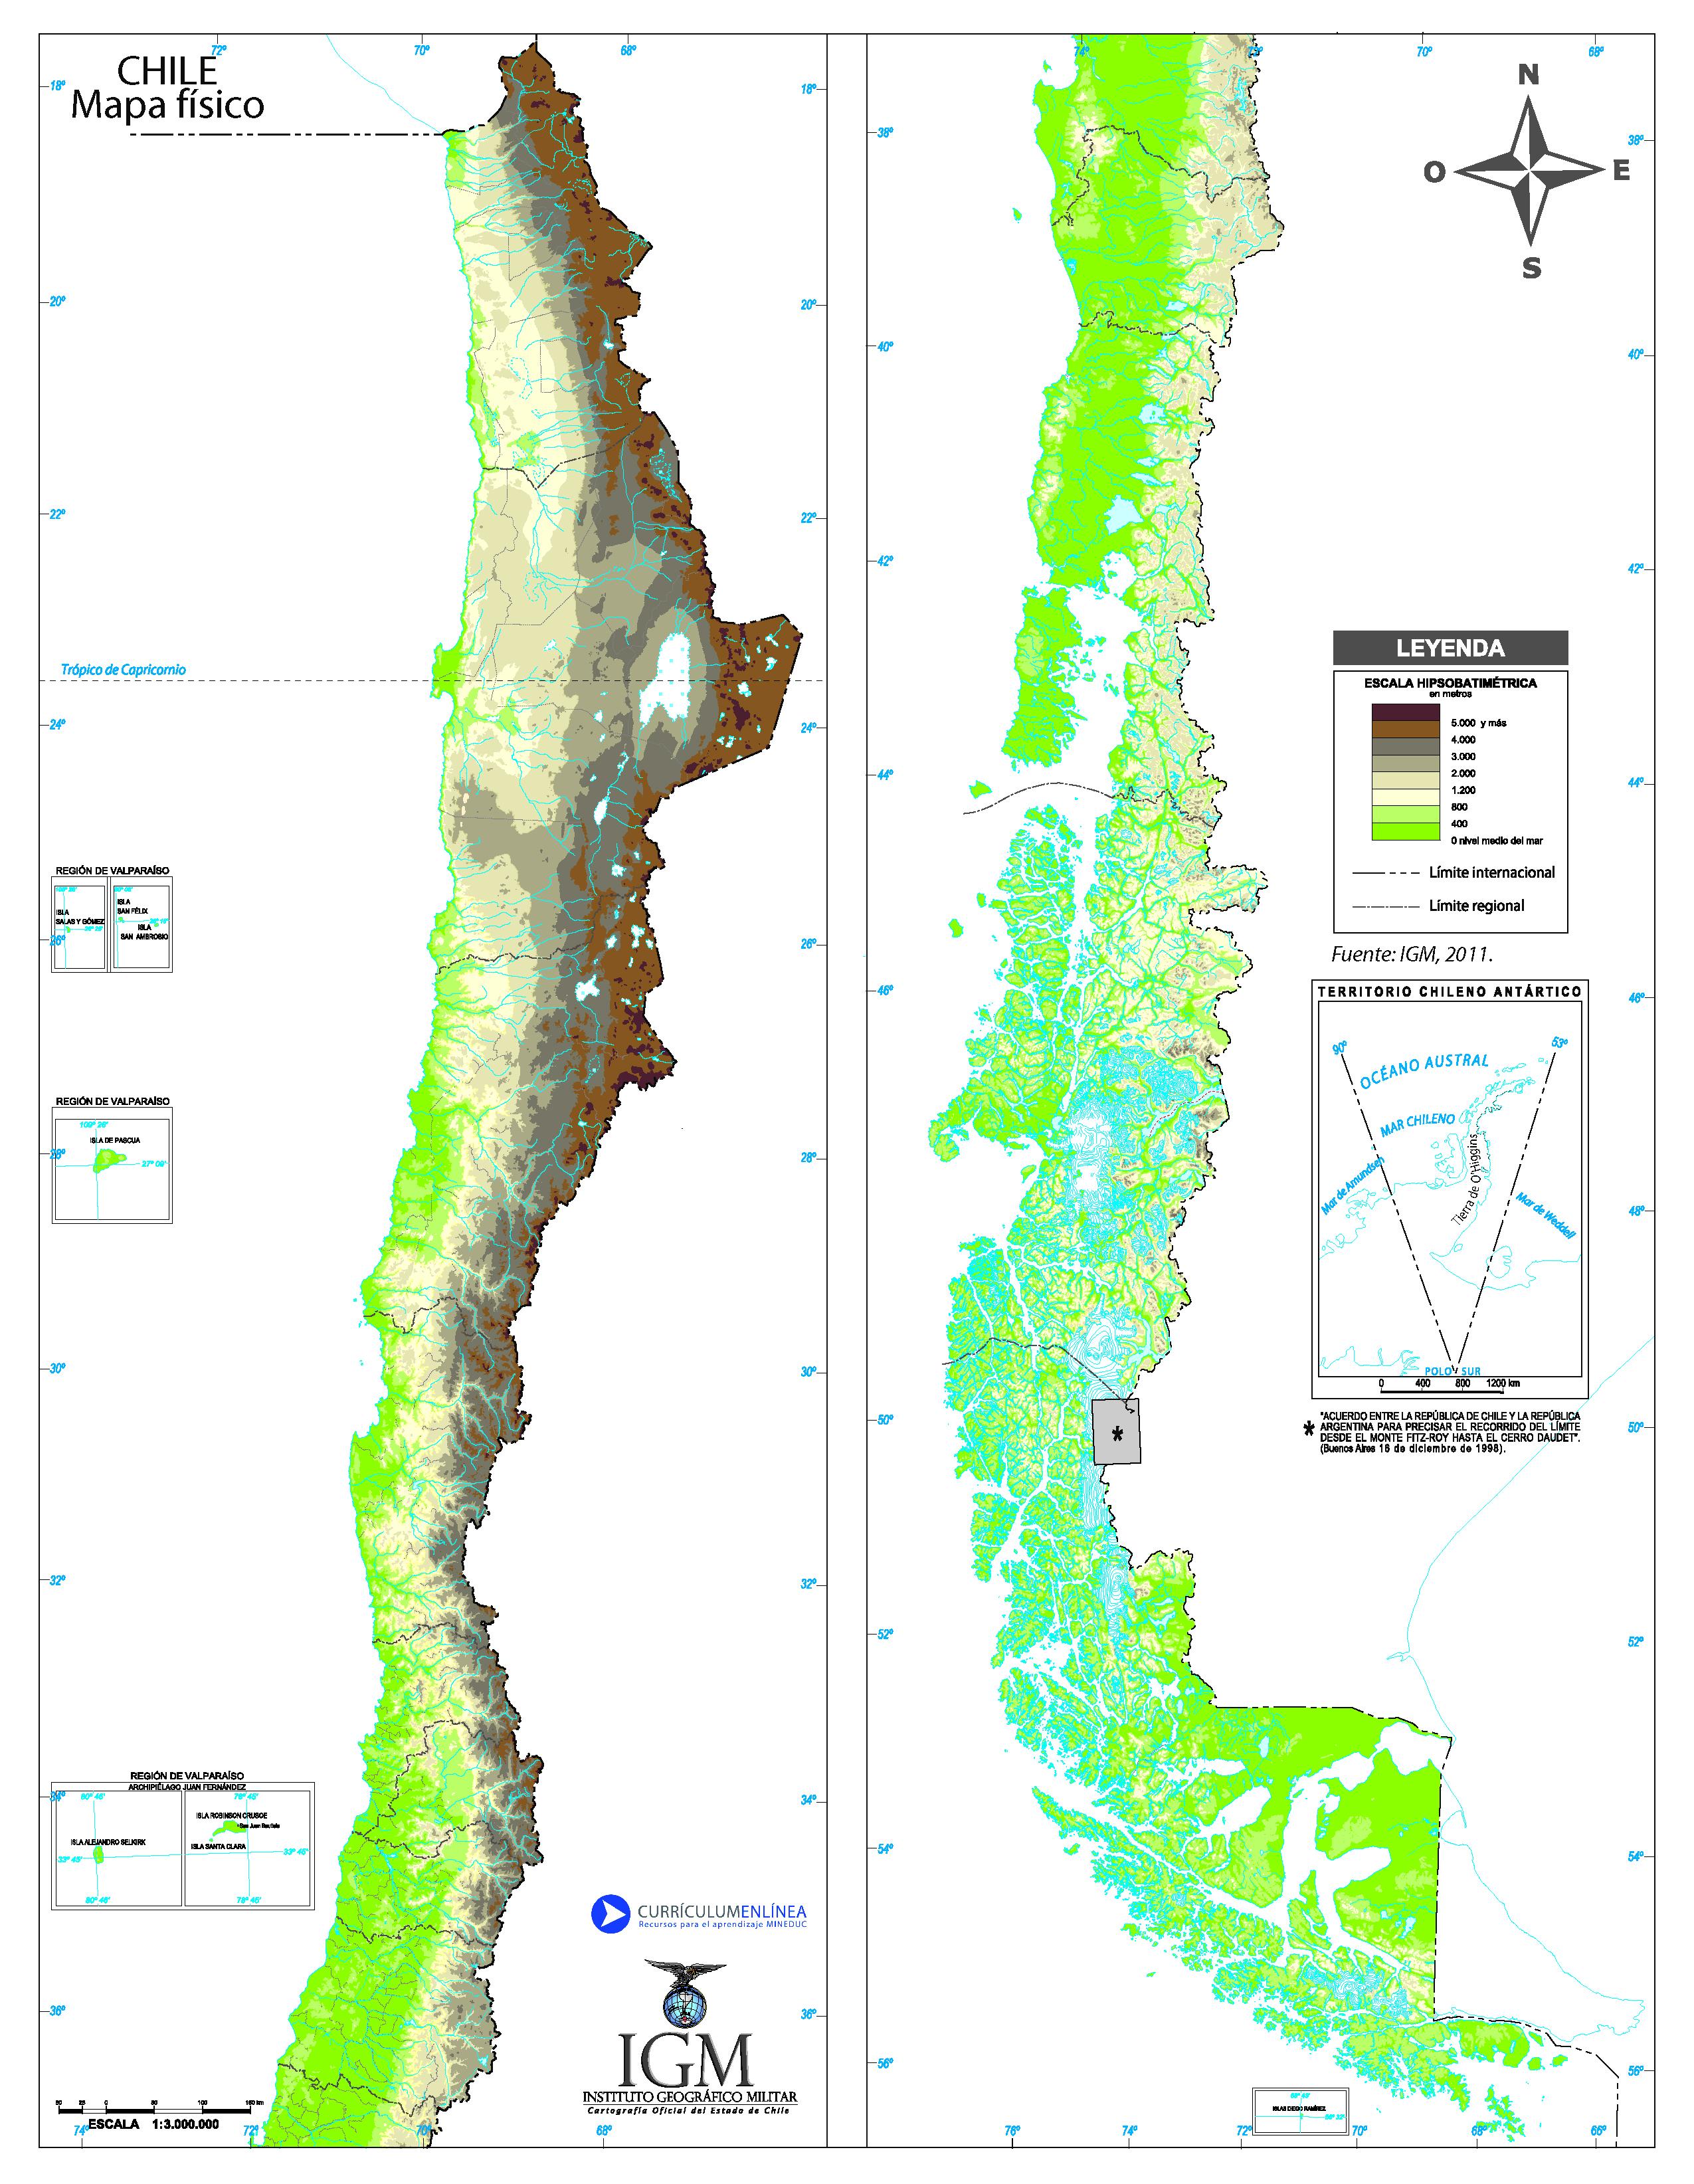 Mapa fsico de Chile  Currculum en lnea MINEDUC Gobierno de